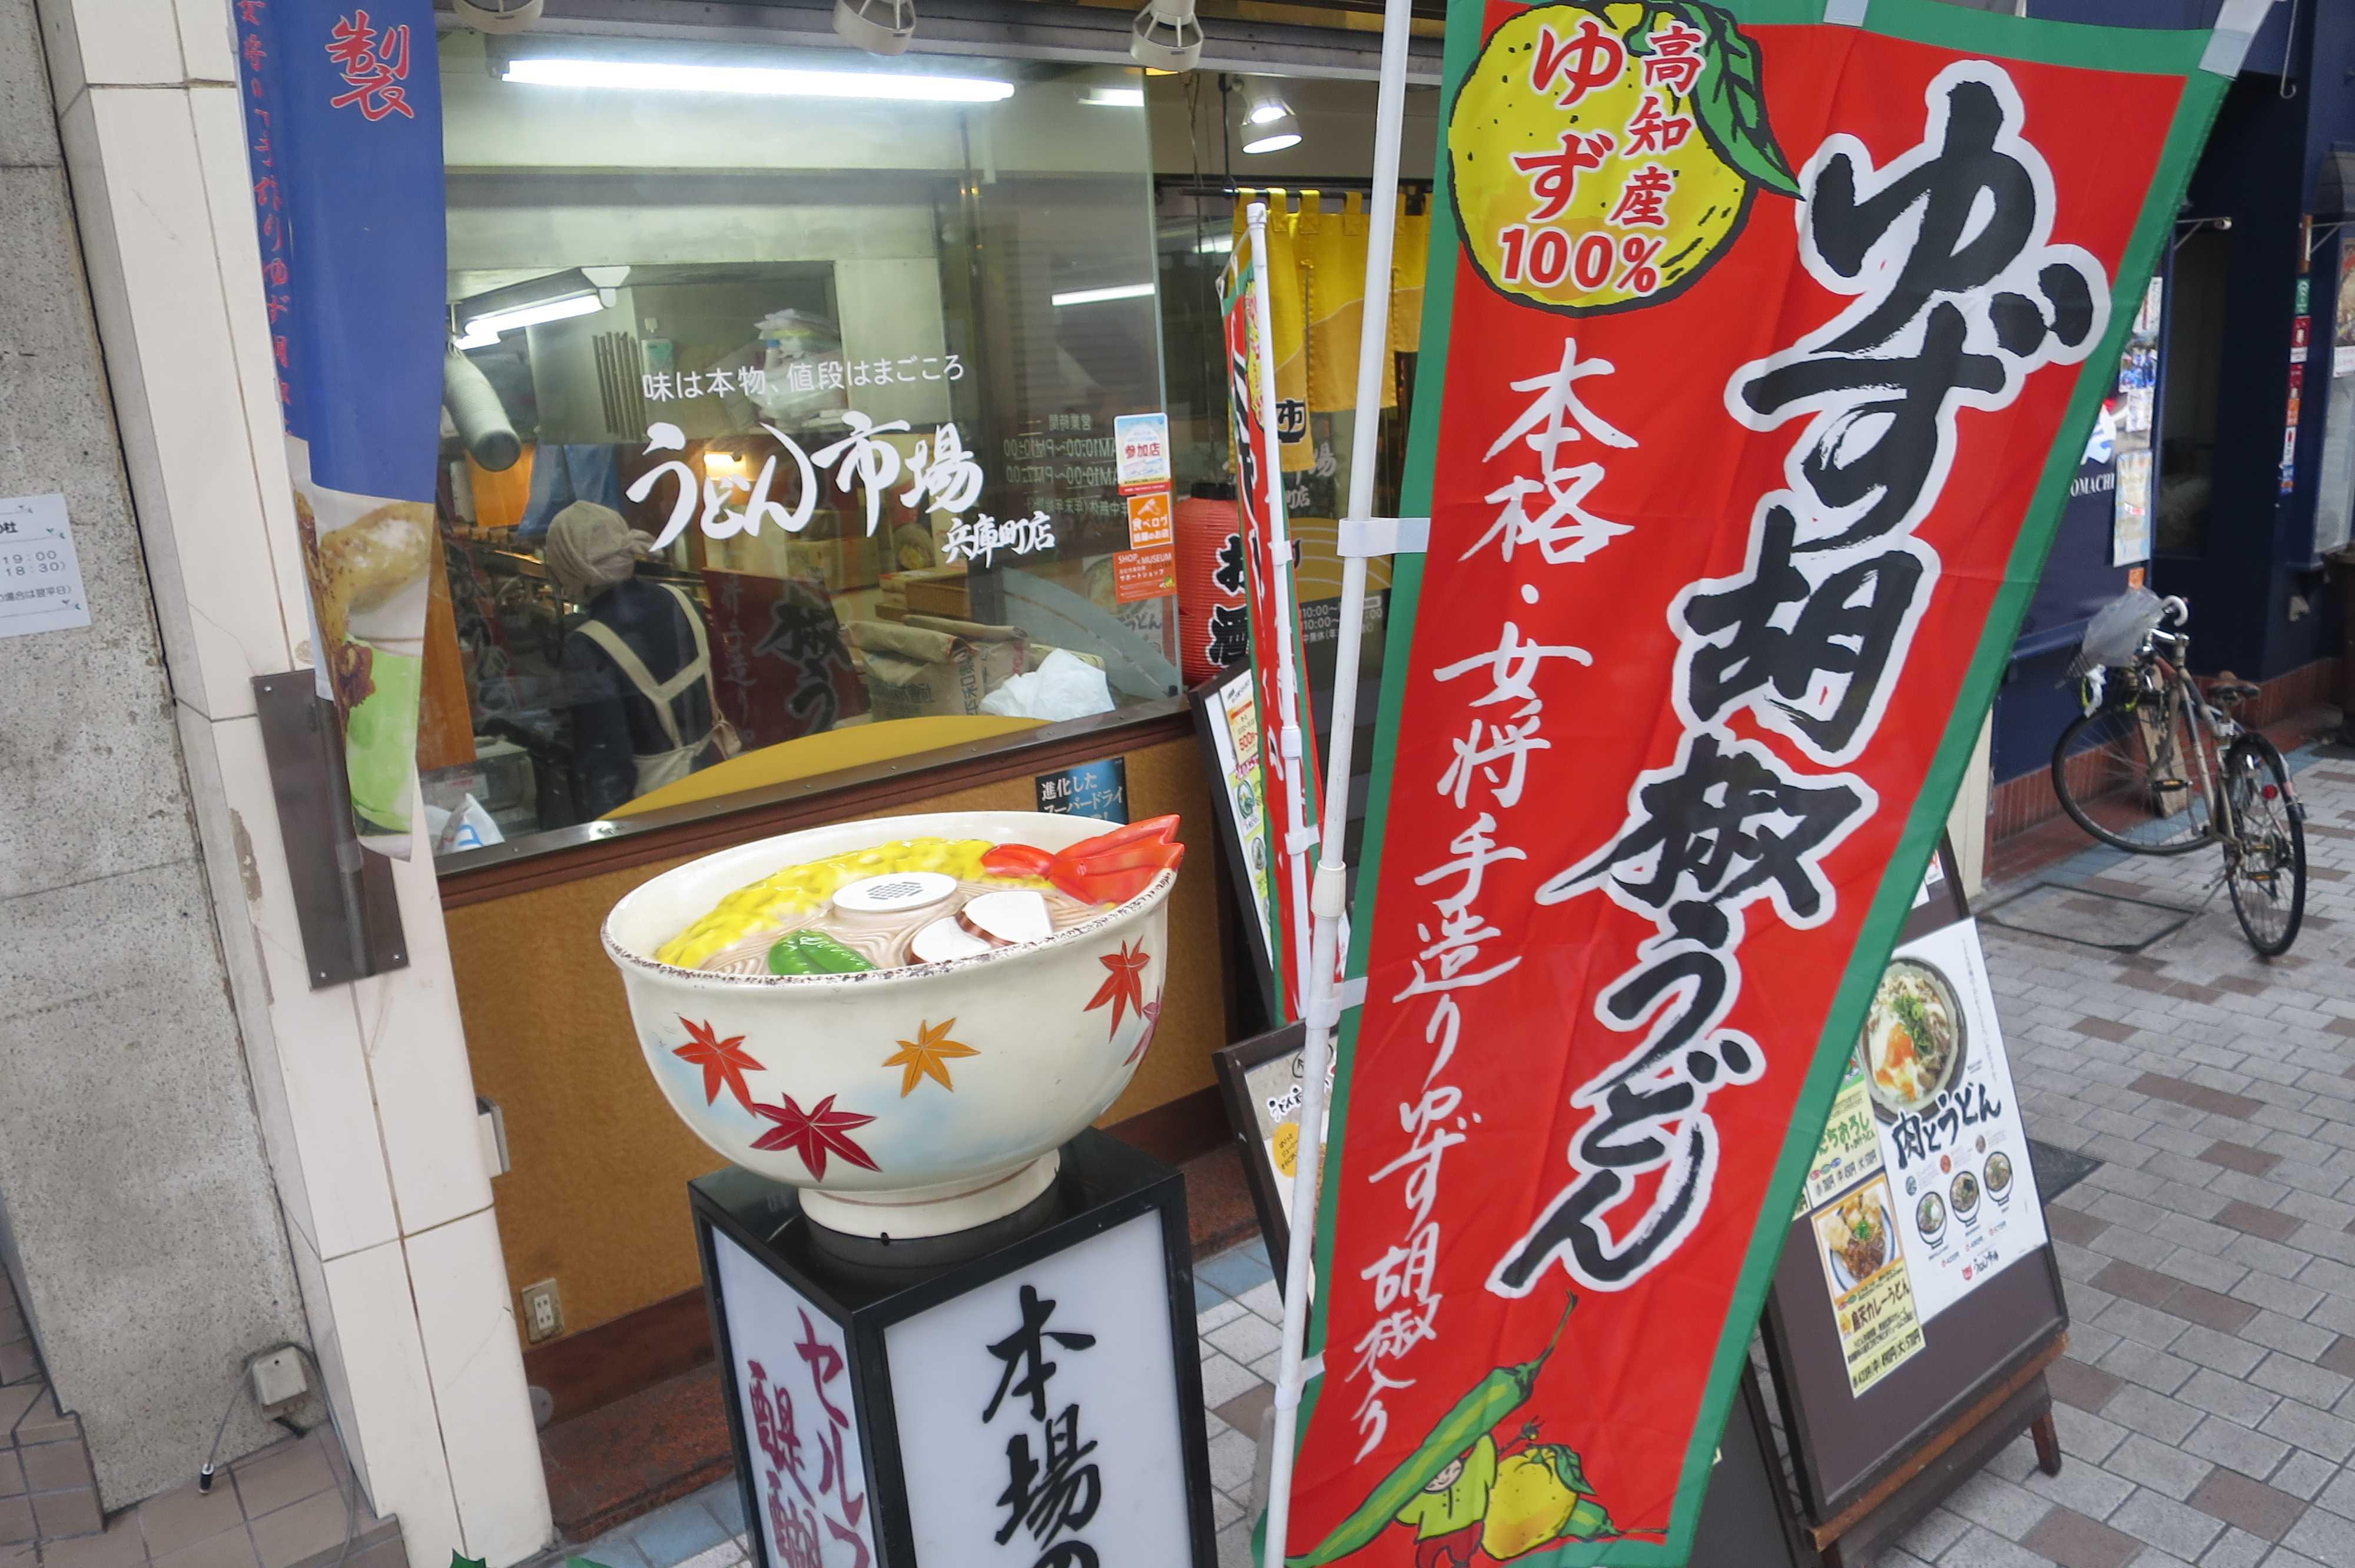 兵庫町商店街 - うどん屋さん